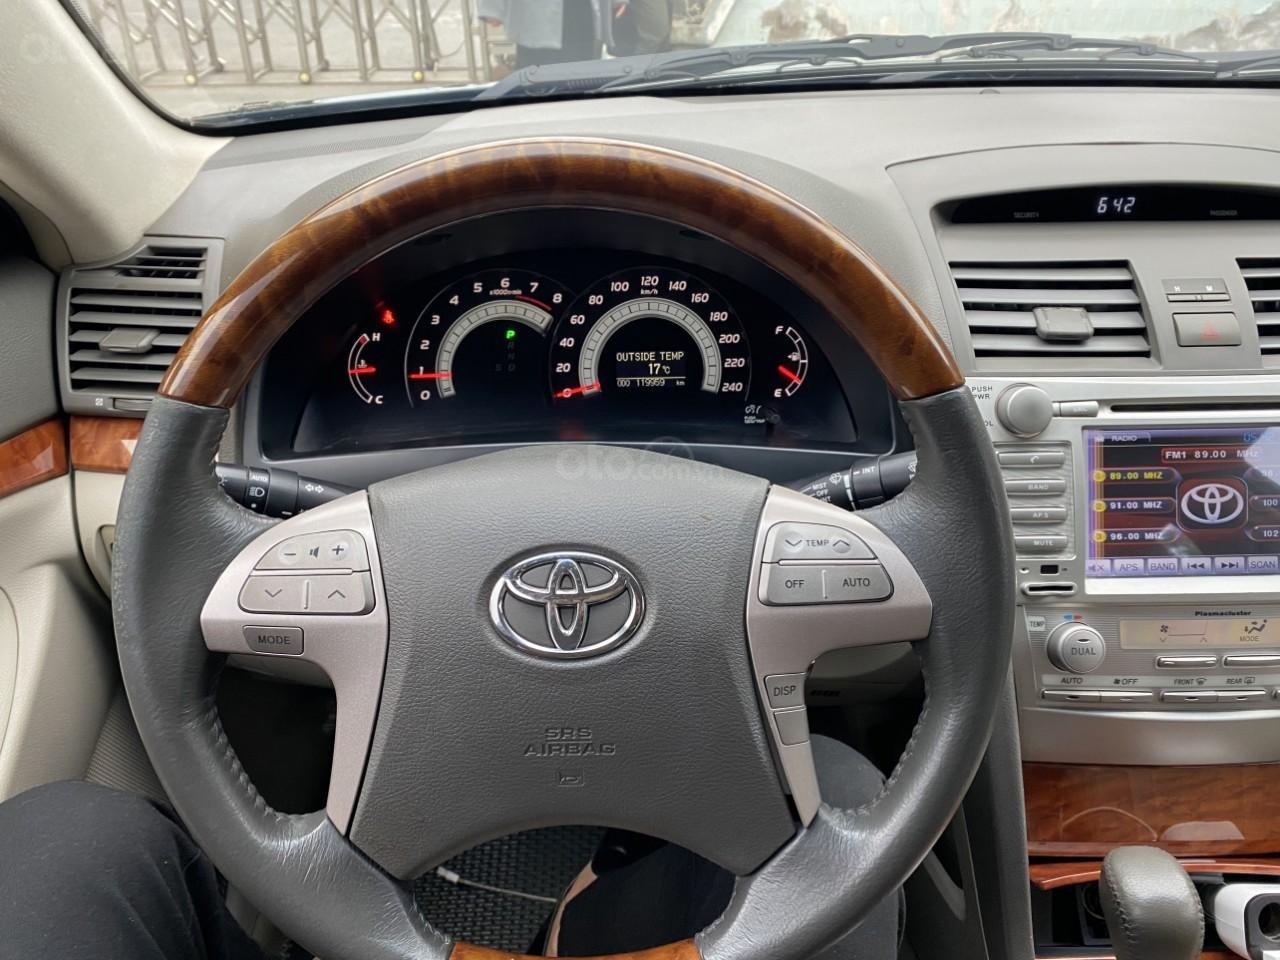 Bán xe Toyota Camry 2009 xe đẹp bản full, giá 435 triệu (2)